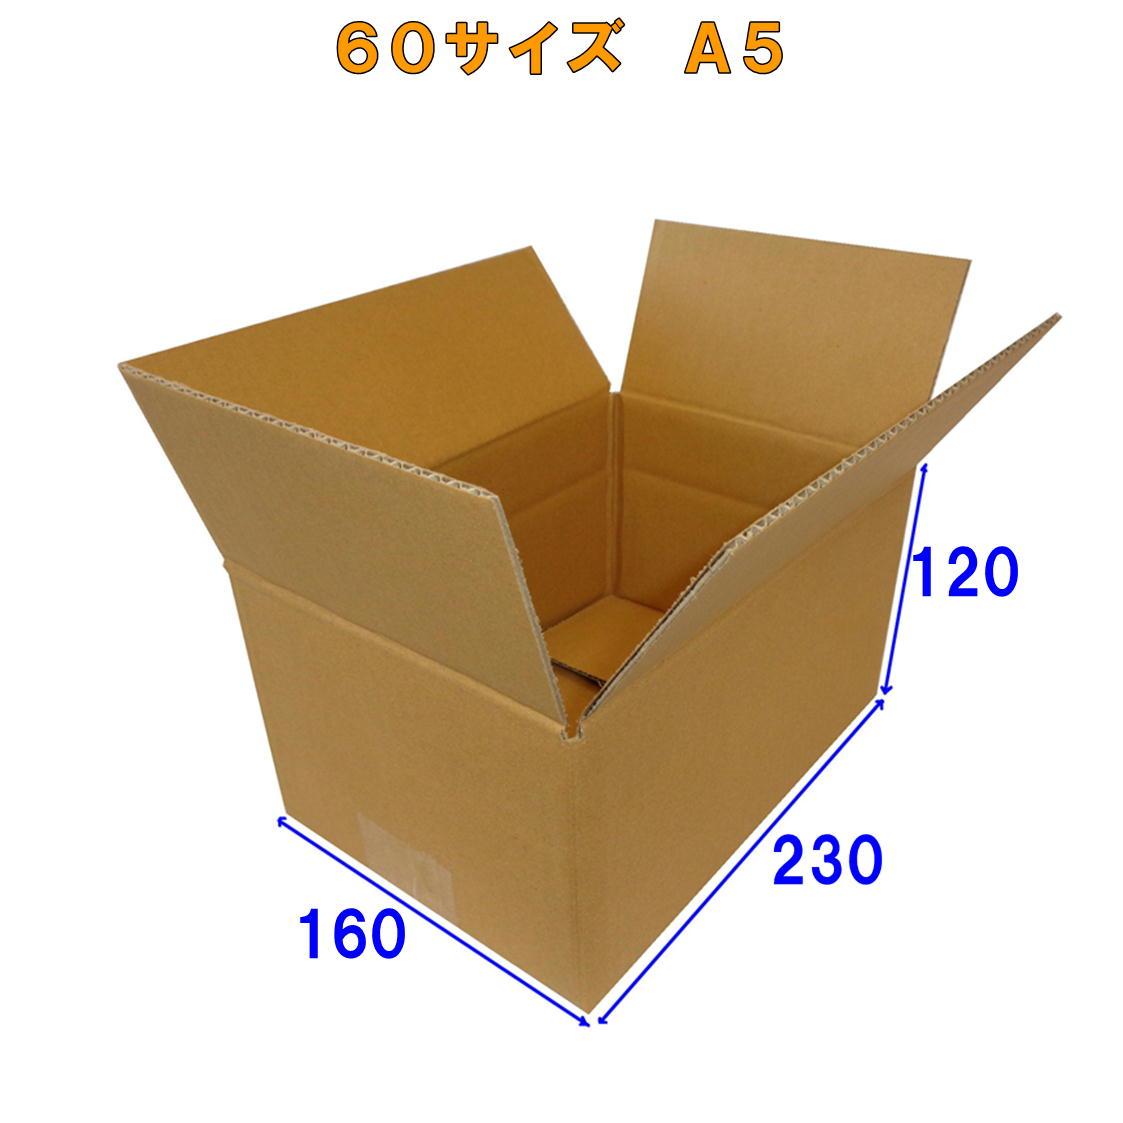 送料無料 全商品オープニング価格 宅急便 宅配便 ゆうパック60サイズ対応段ボール箱200枚 A5対応です 高さ変更できます あす楽 60サイズ ダンボール 便利線入り※この商品はヤマト運輸での配送です※ 箱 底面A5 200枚 お気に入